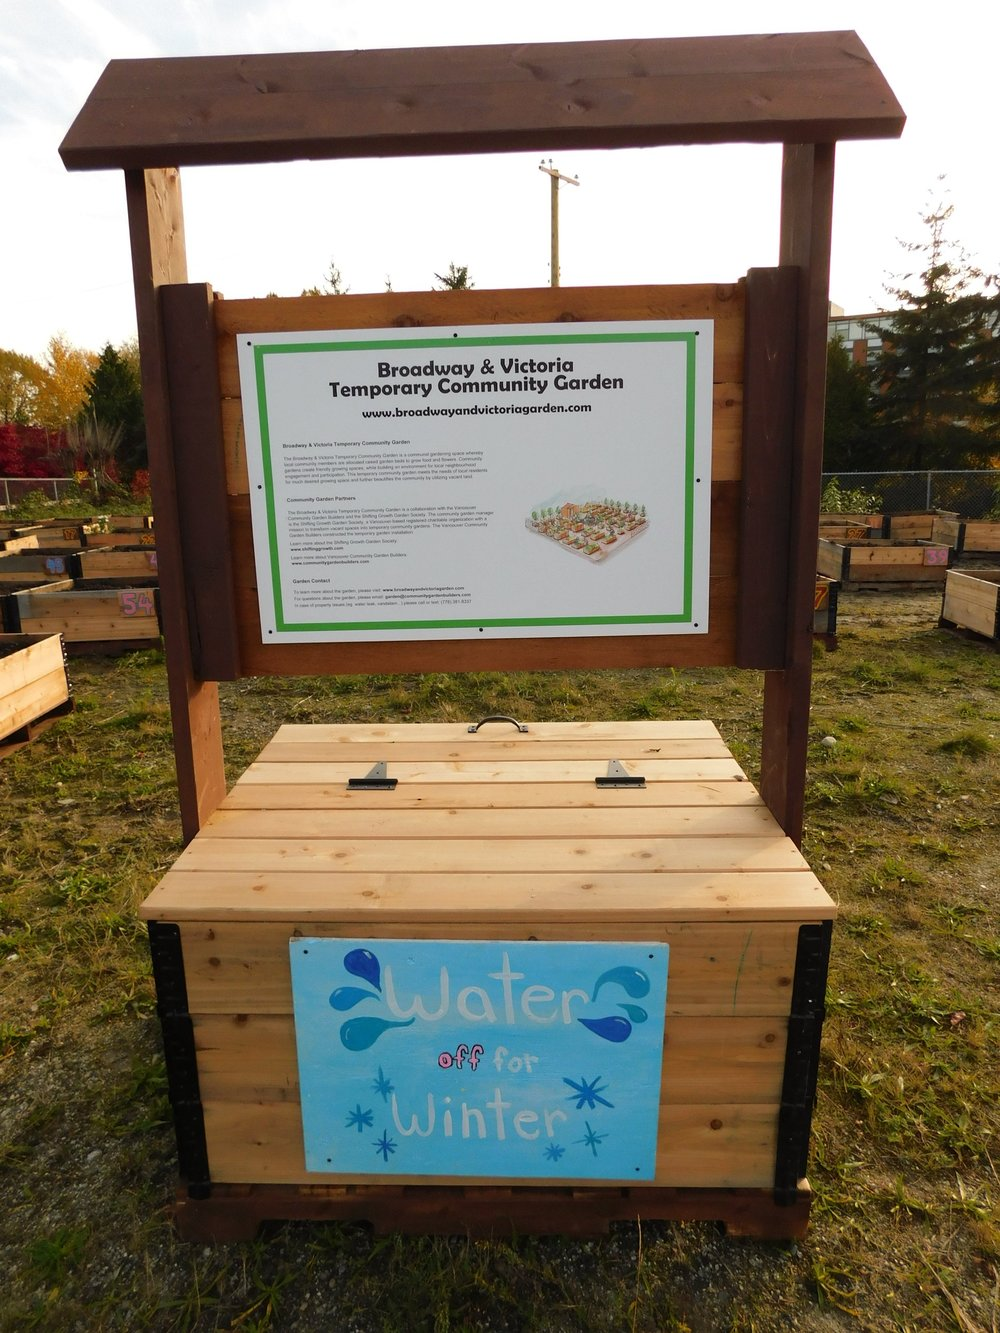 Victoria_Broadway_Vancouver_Community_Garden_Builders-0006.JPG